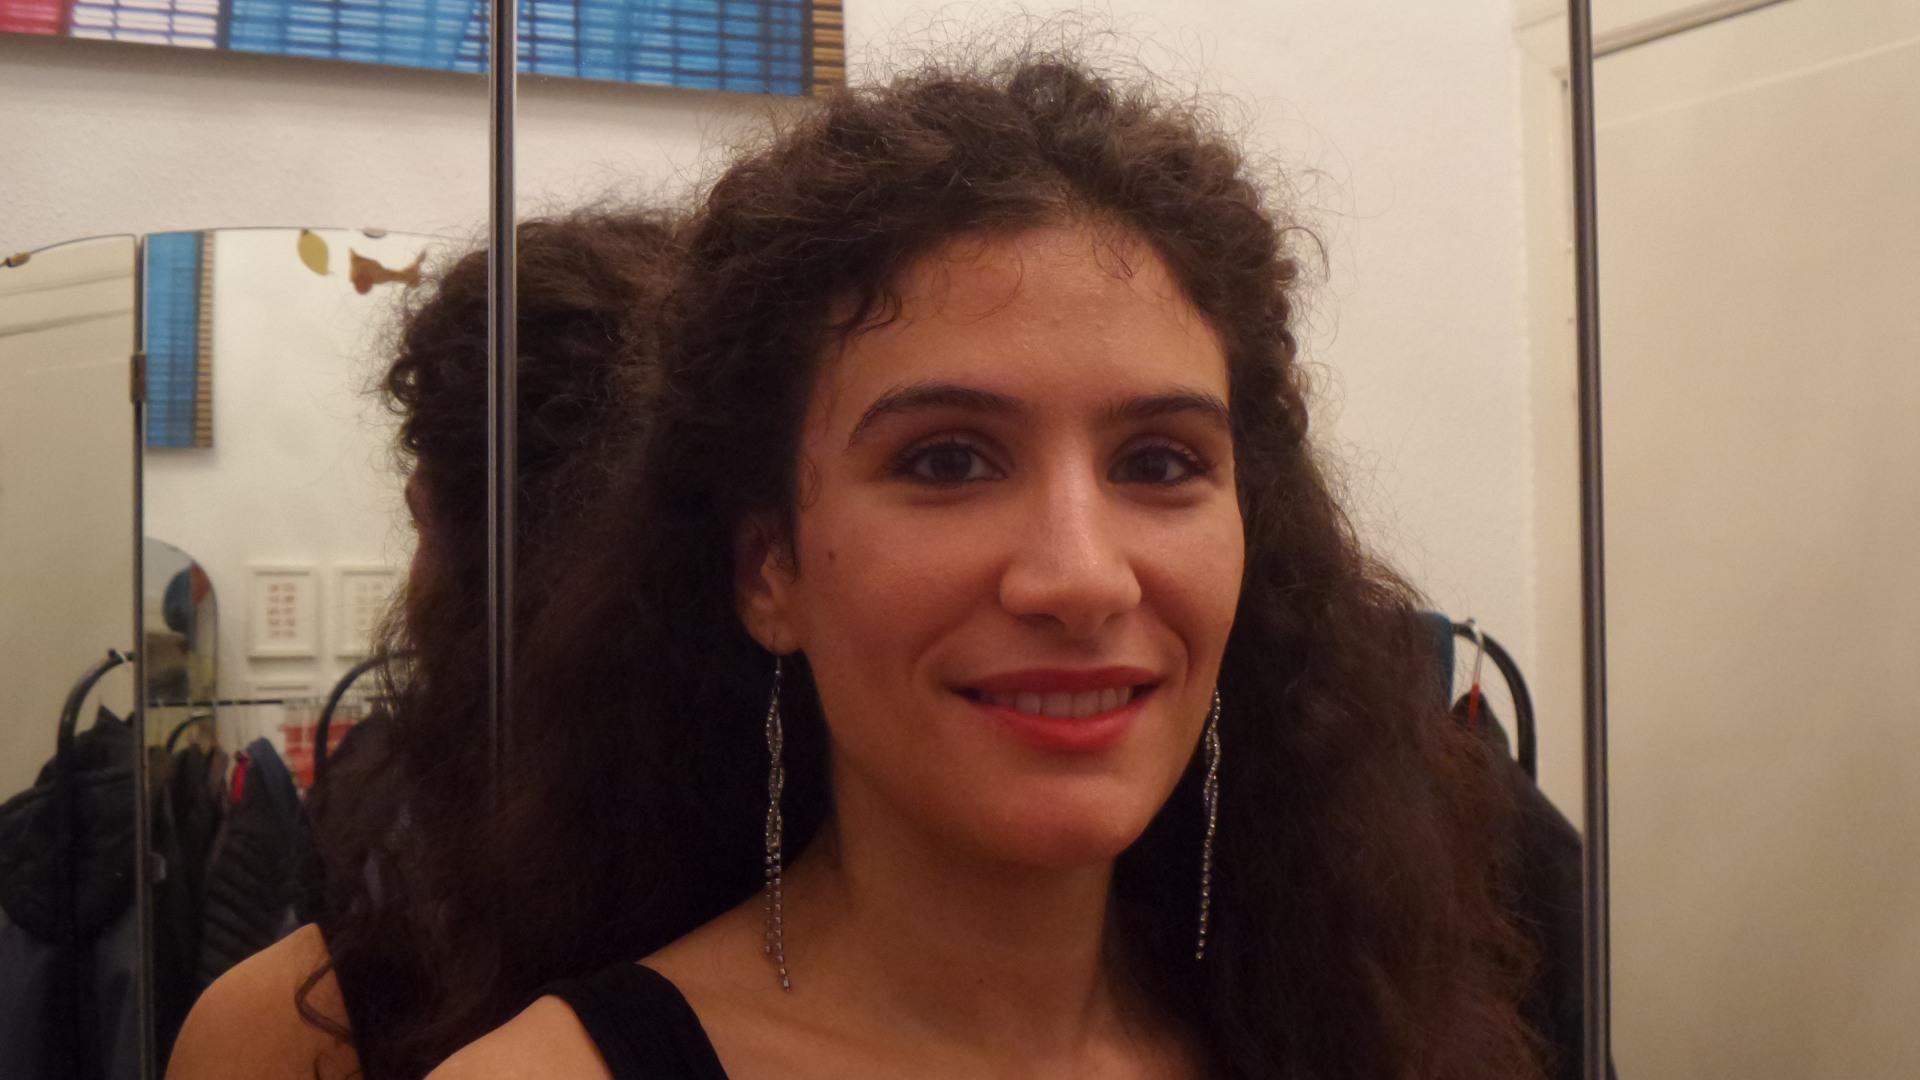 Sara de Ascaniis